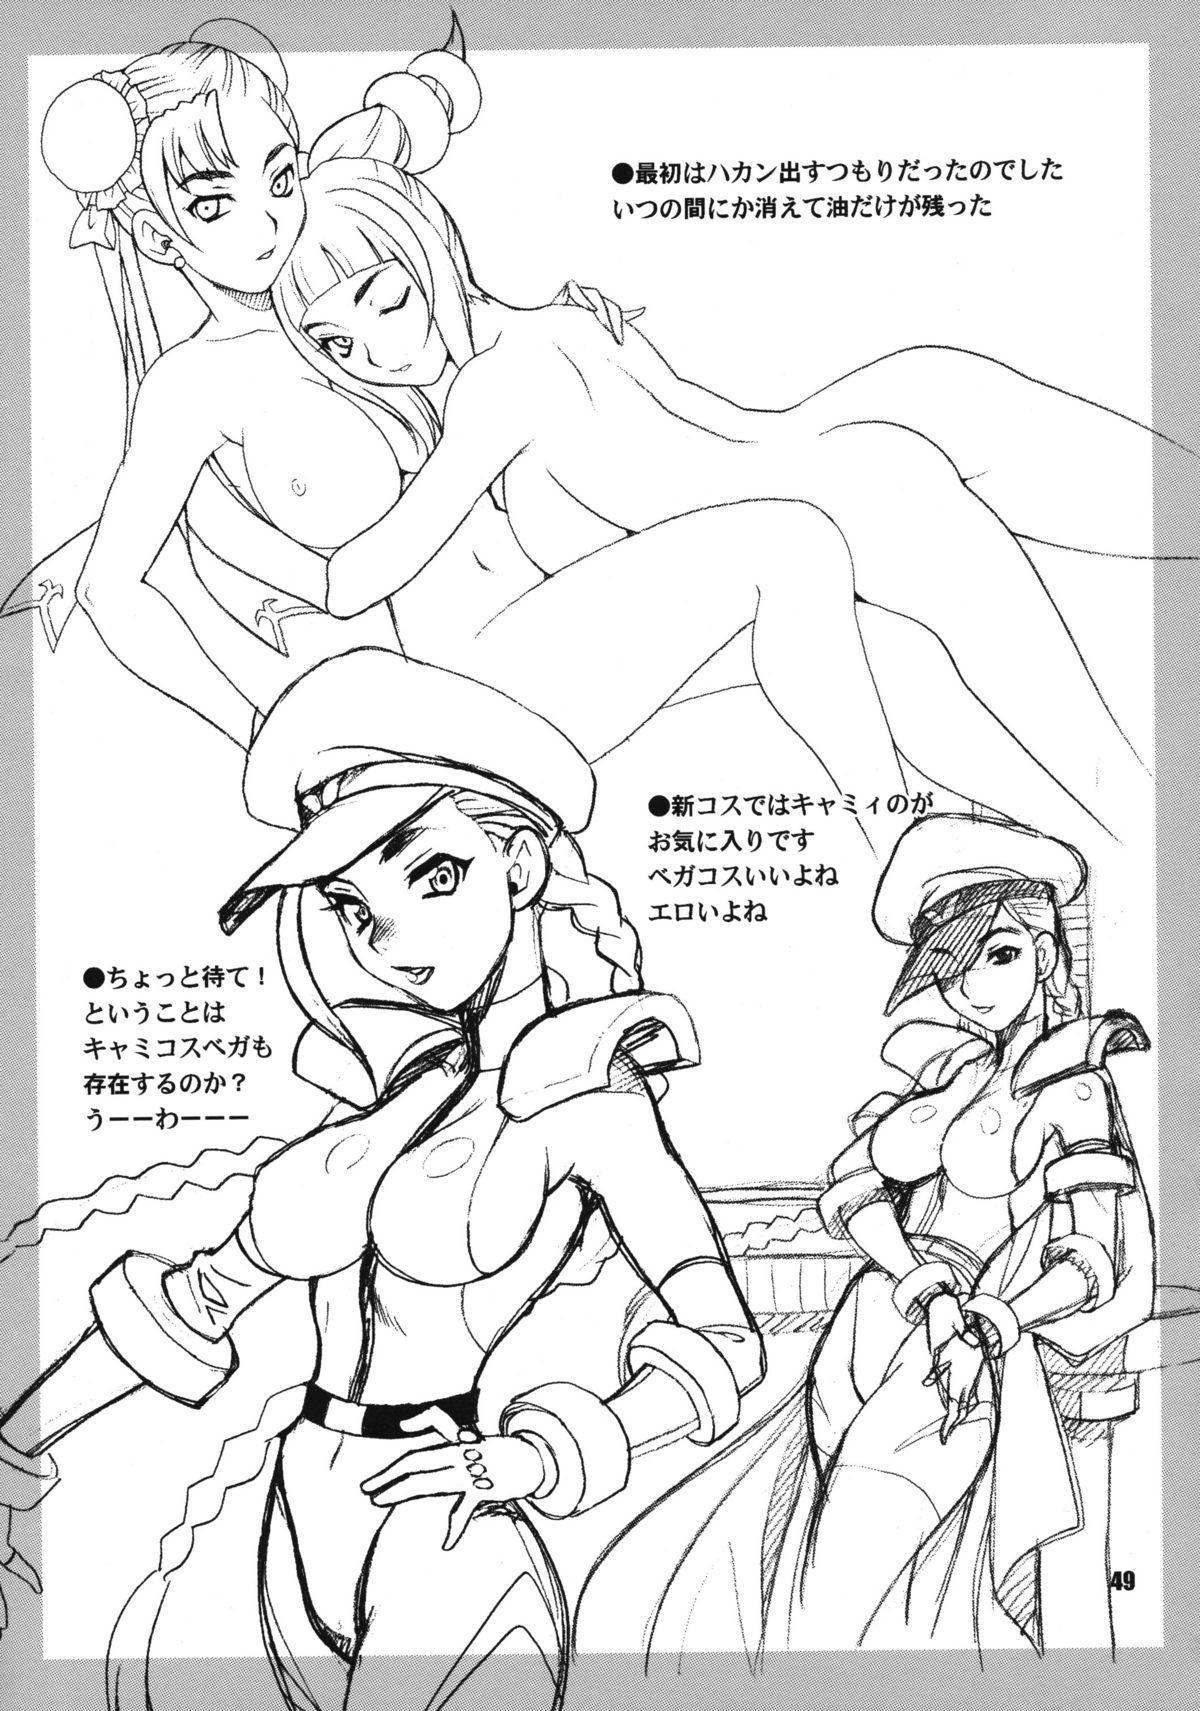 Yukiyanagi no Hon 23 Nurunuru Juri & Chun-Li 47